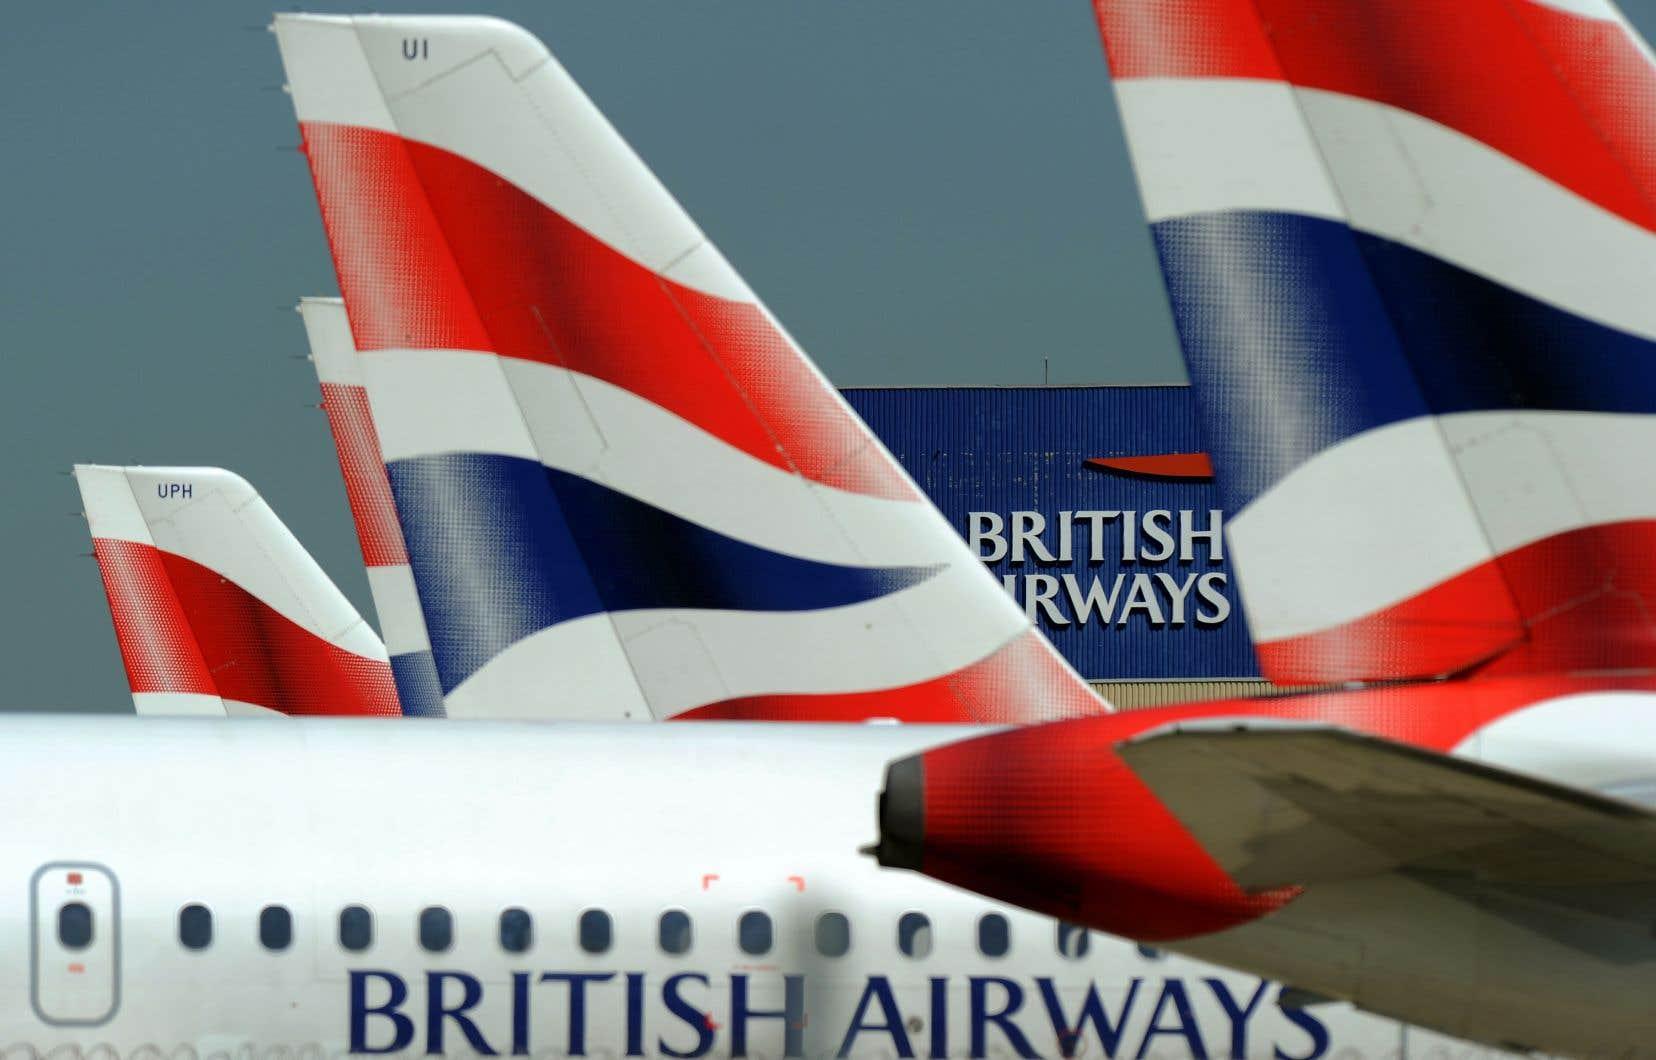 British Airways a révélé jeudi soir avoir subi un vol en ligne de données fin août et début septembre, soit en pleine période de vacances.